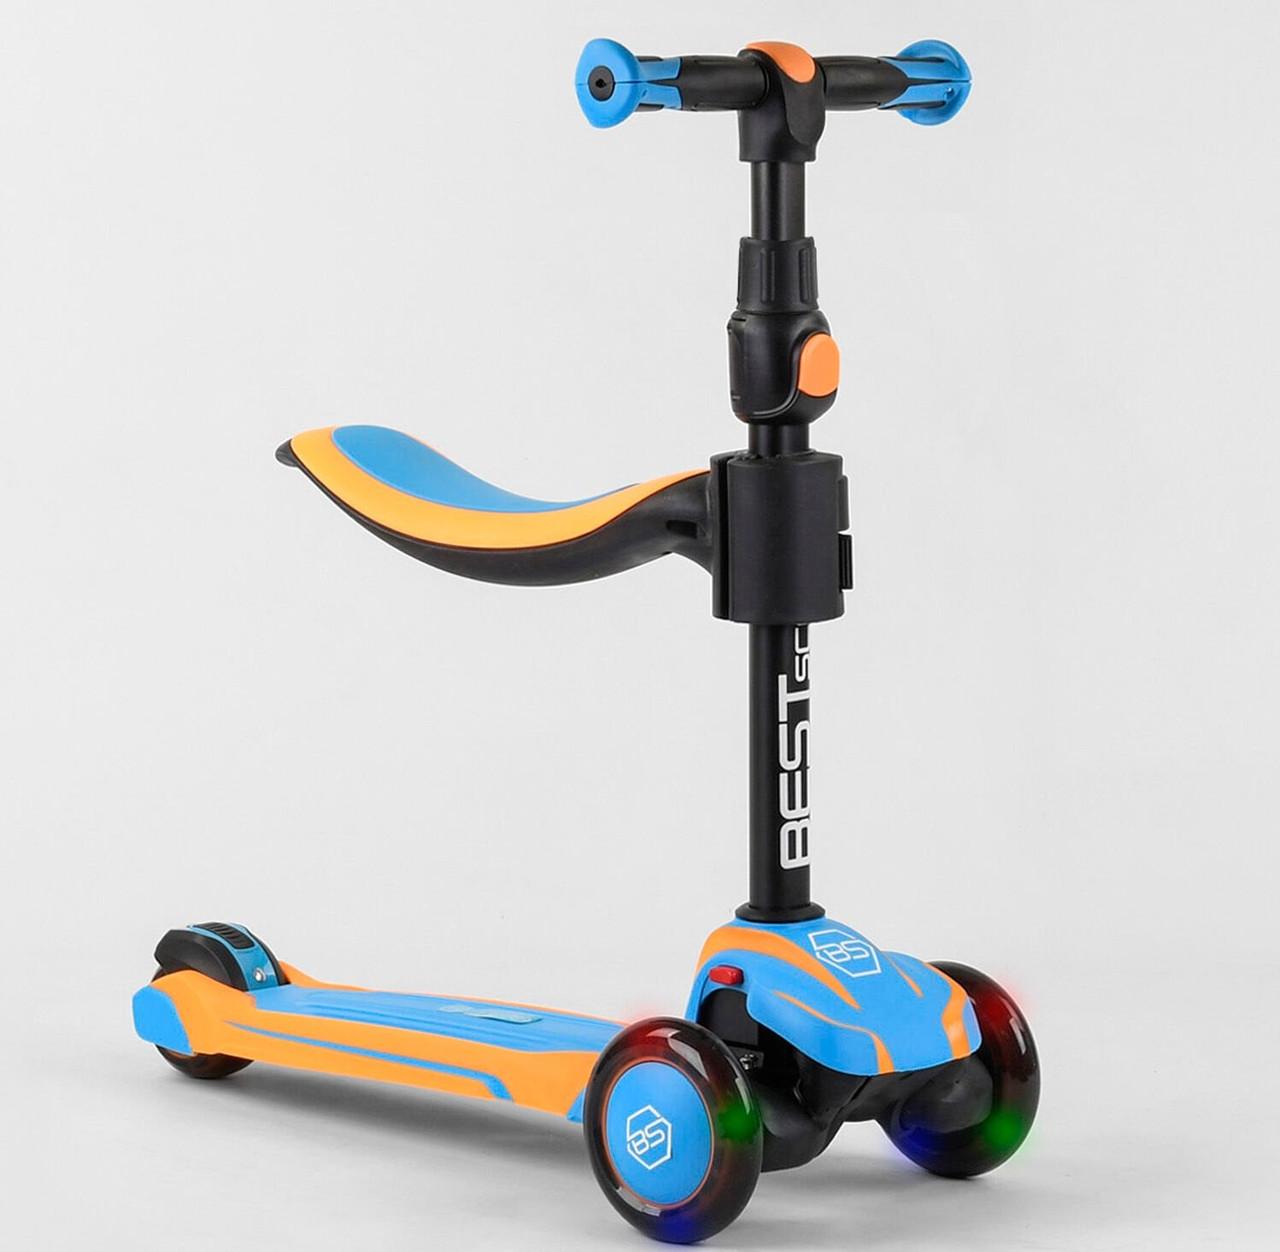 Дитячий триколісний самокат зі знімною сидушкою і світяться колесами Best Scooter JS-30918, колір блакитний